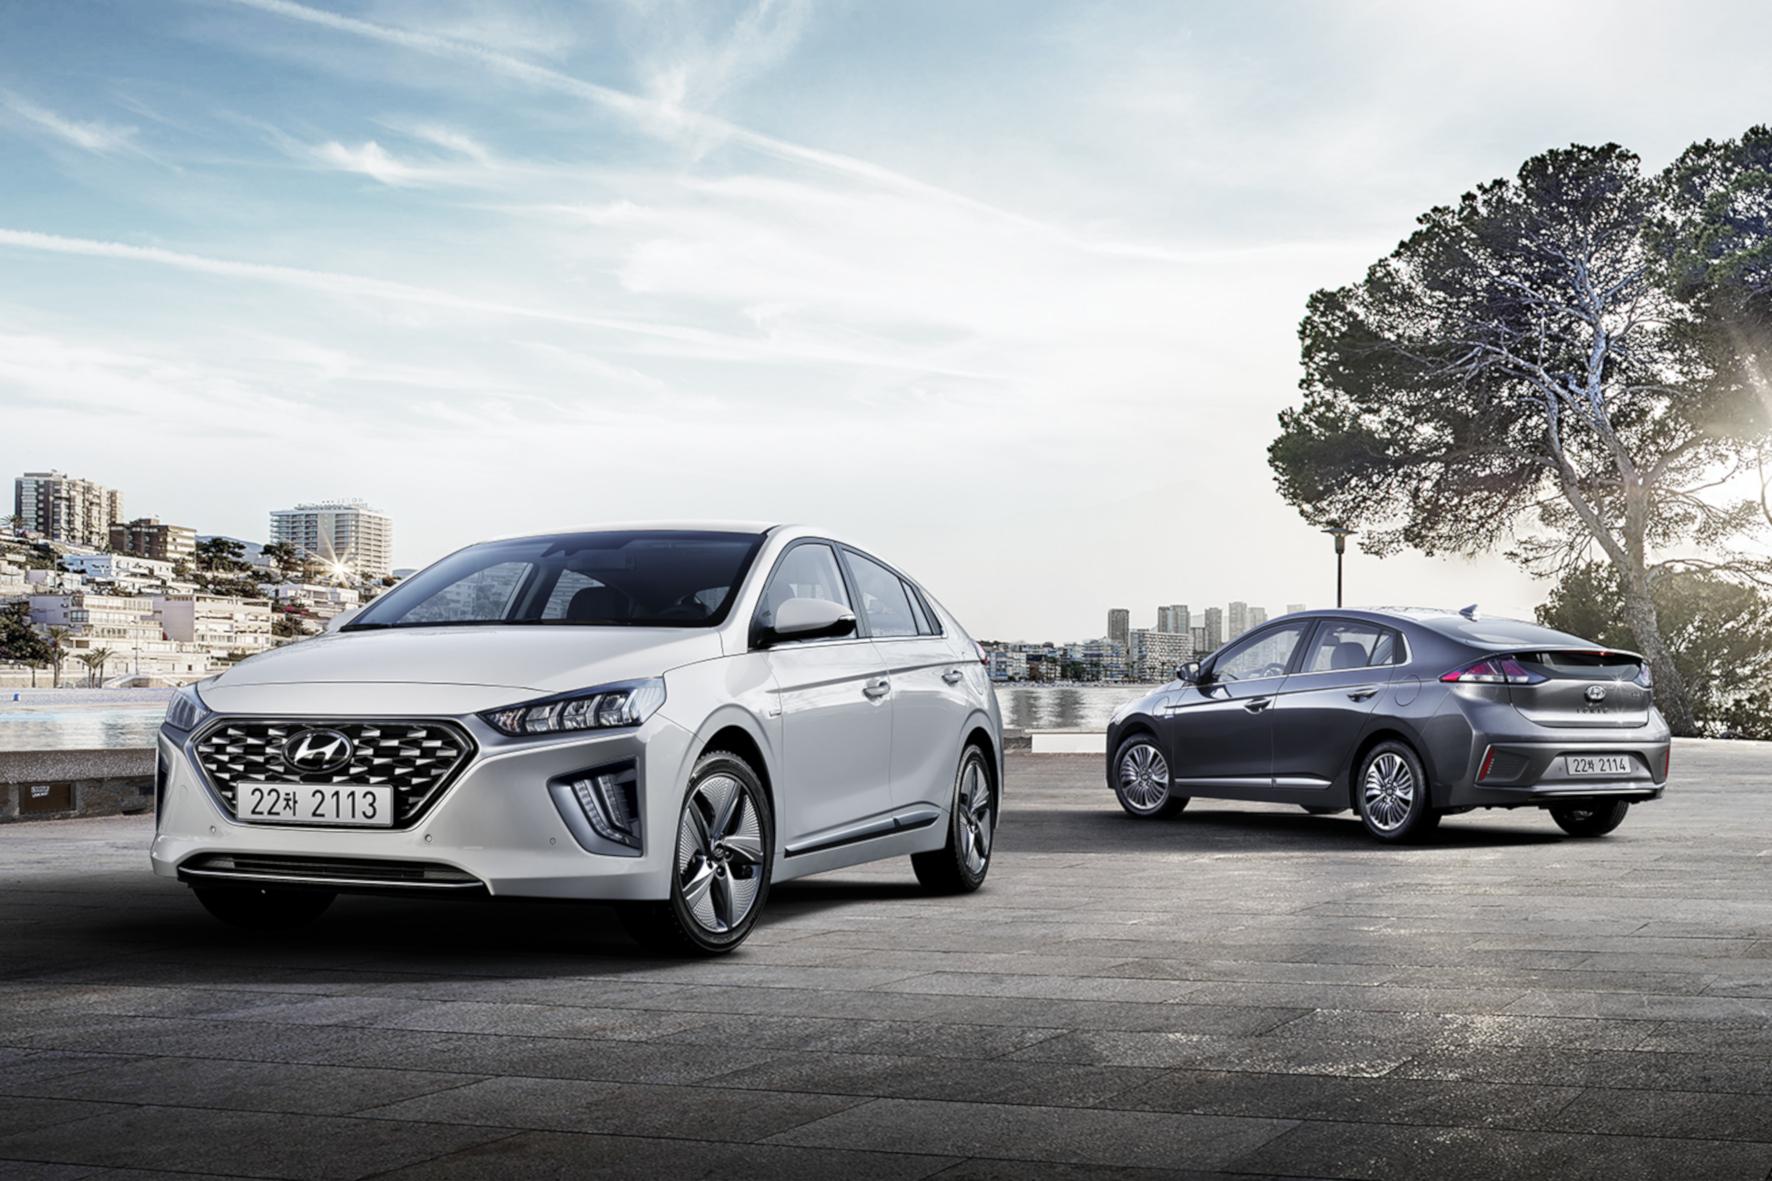 mid Groß-Gerau - Der Hyundai Ioniq Hybrid und die Plug-in-Version starten im kommenden Sommer mit diversen Verbesserungen durch. Hyundai